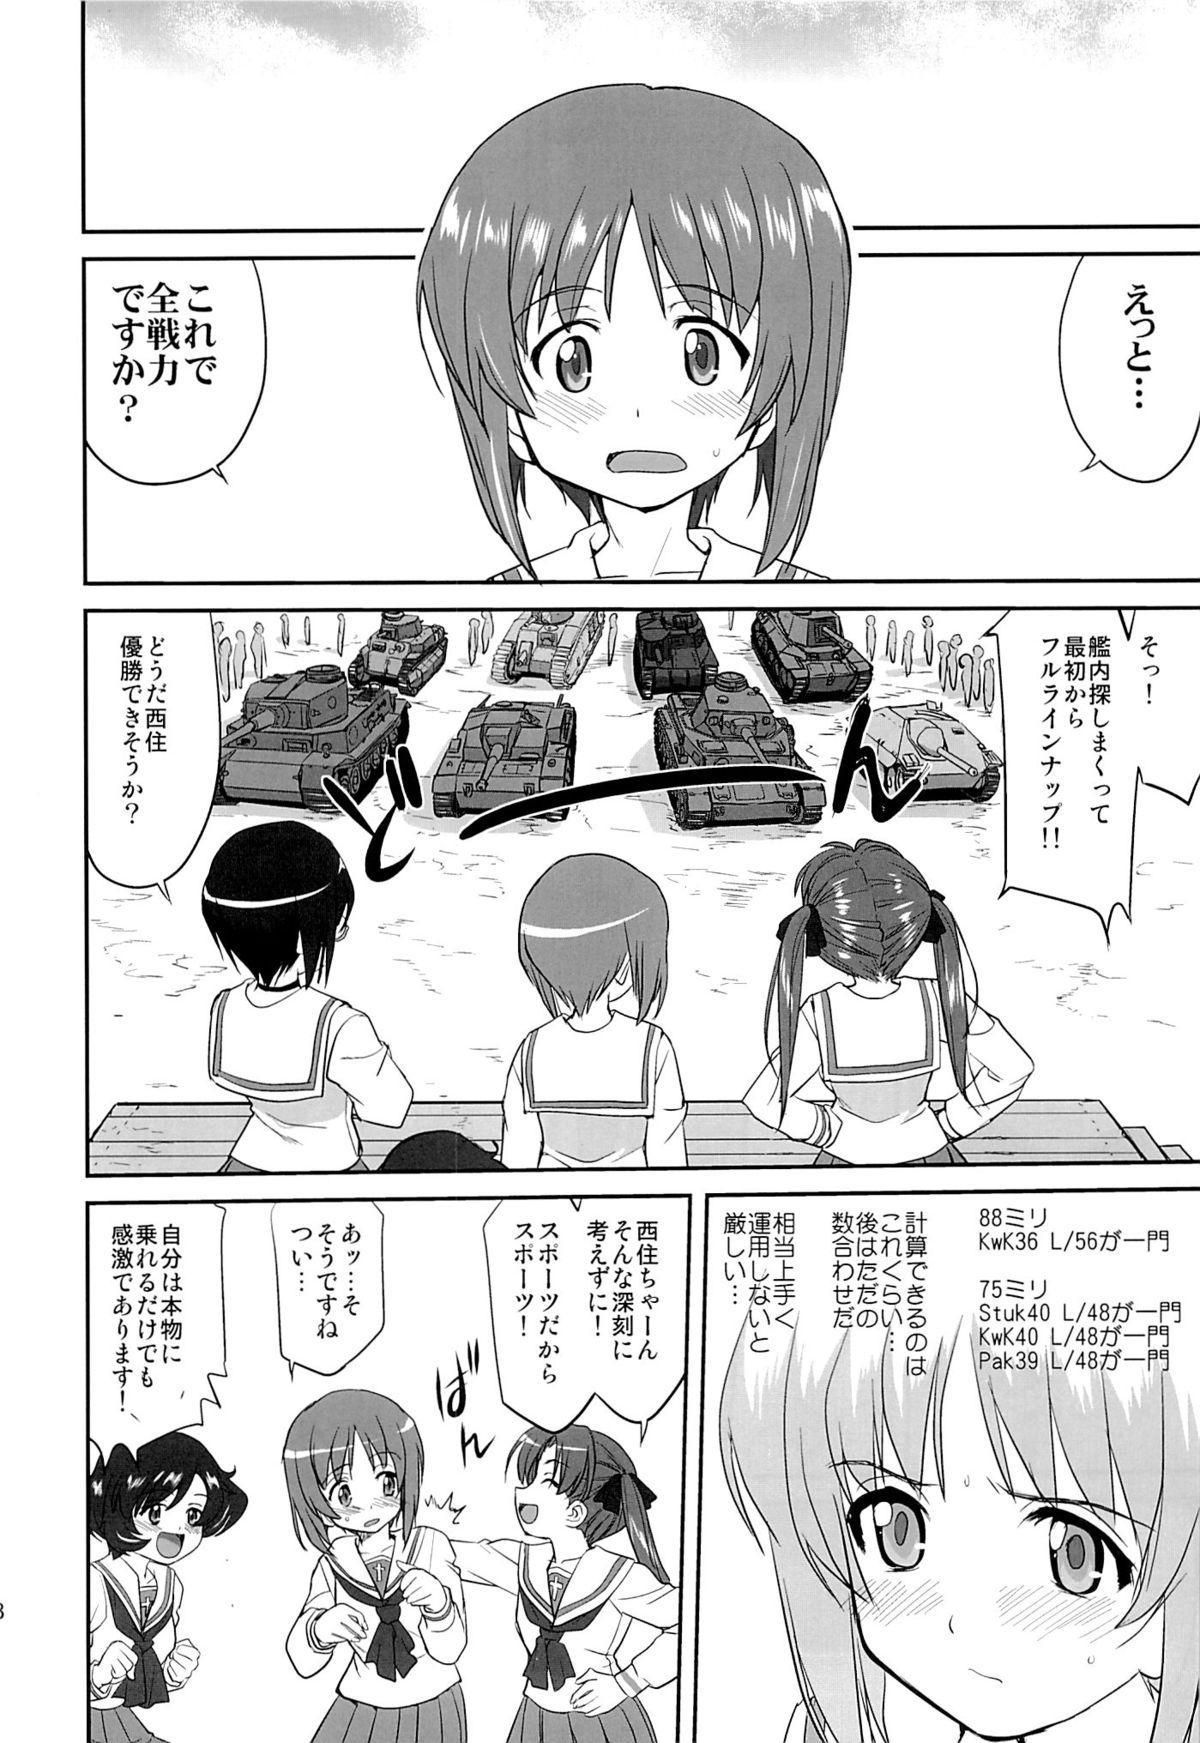 Yukiyukite Senshadou 24